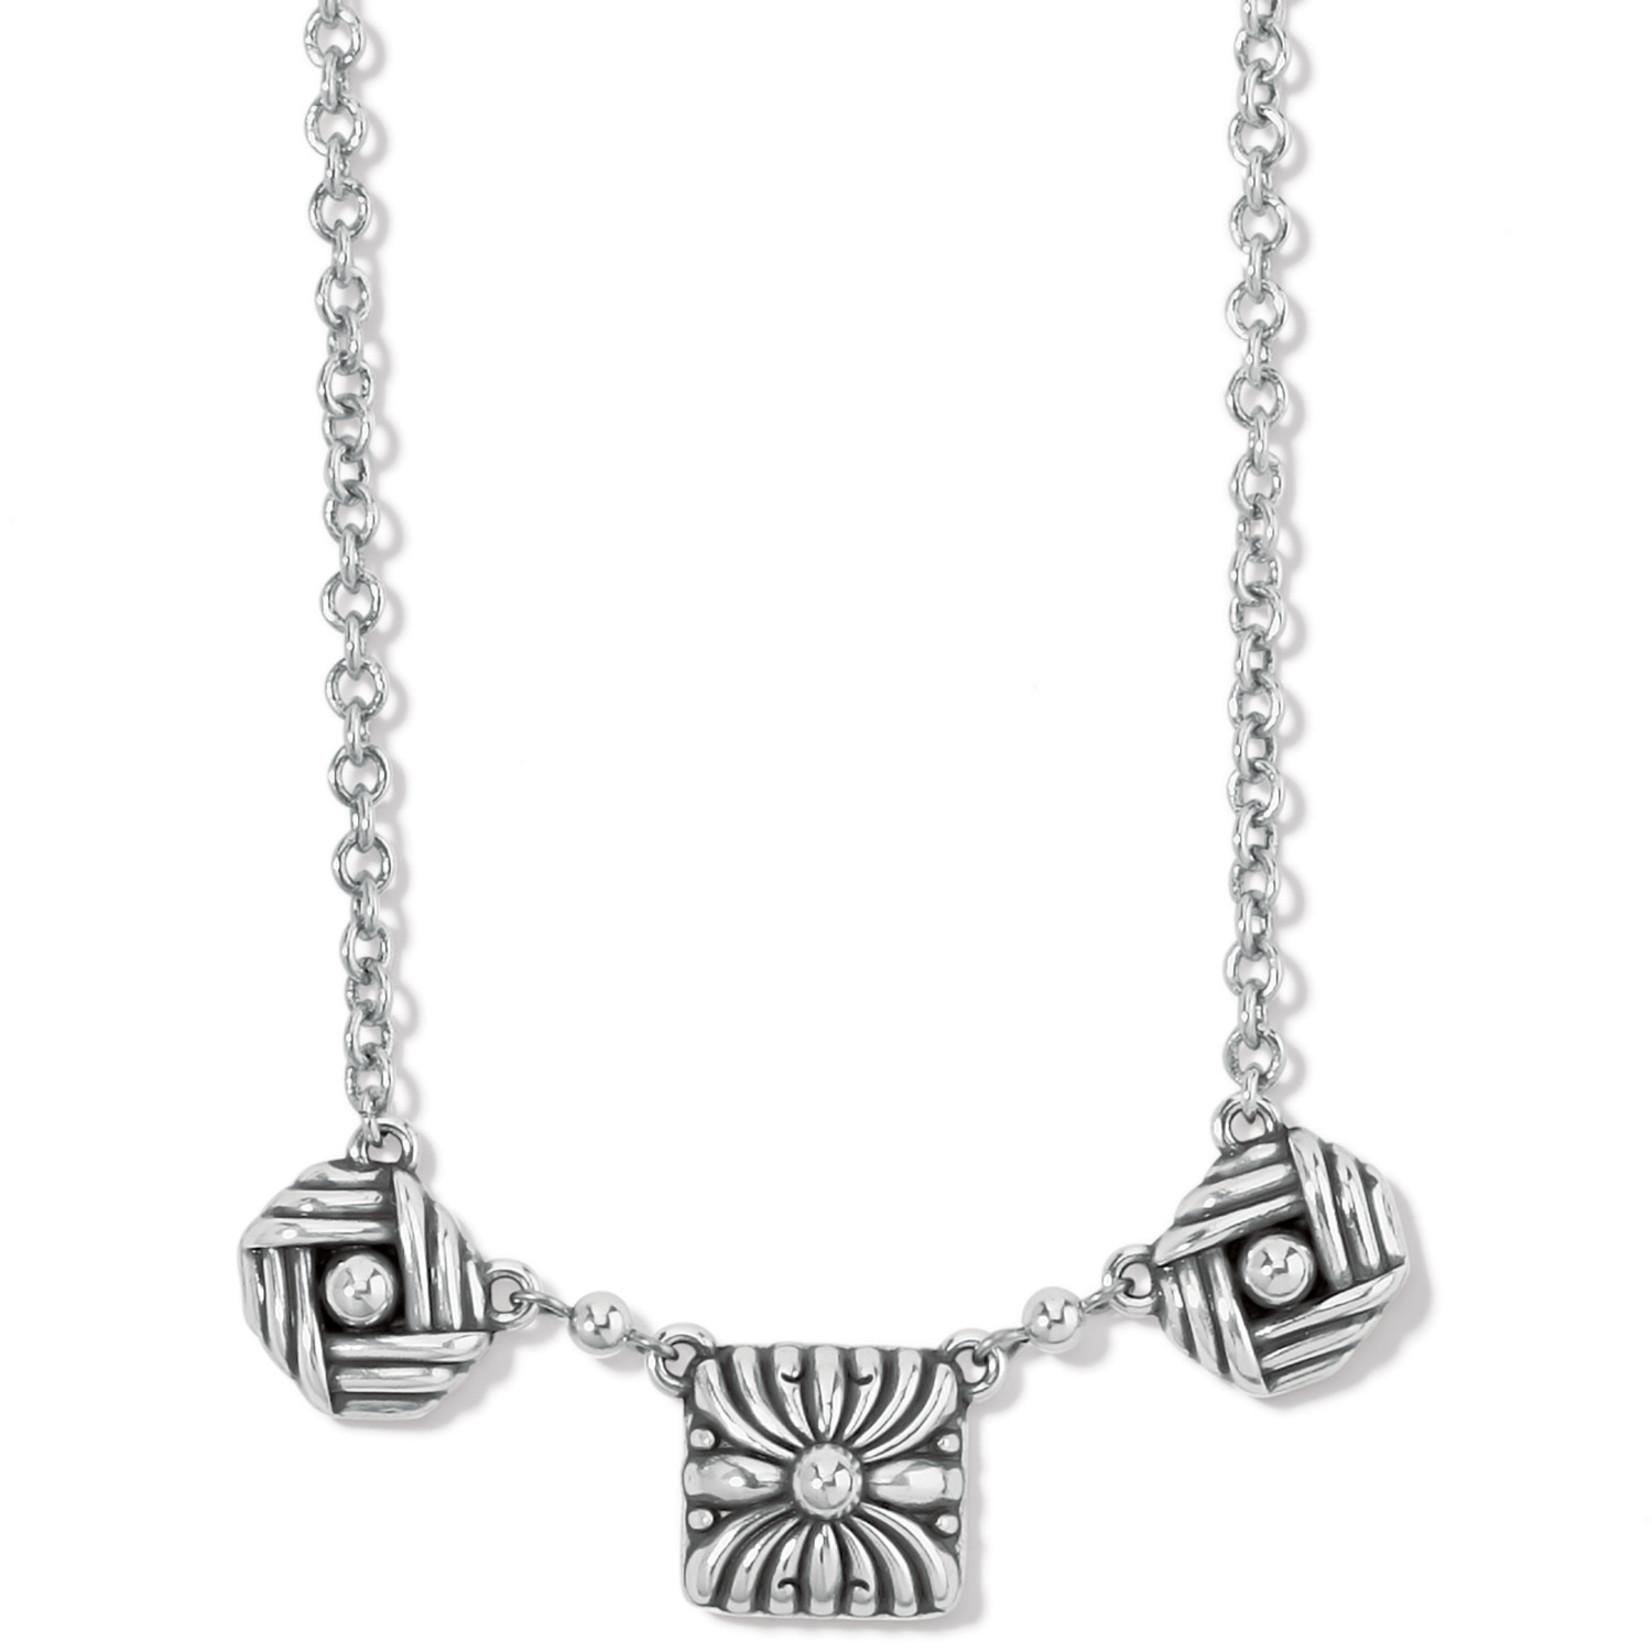 Brighton Sonora Motif Necklace - Silver